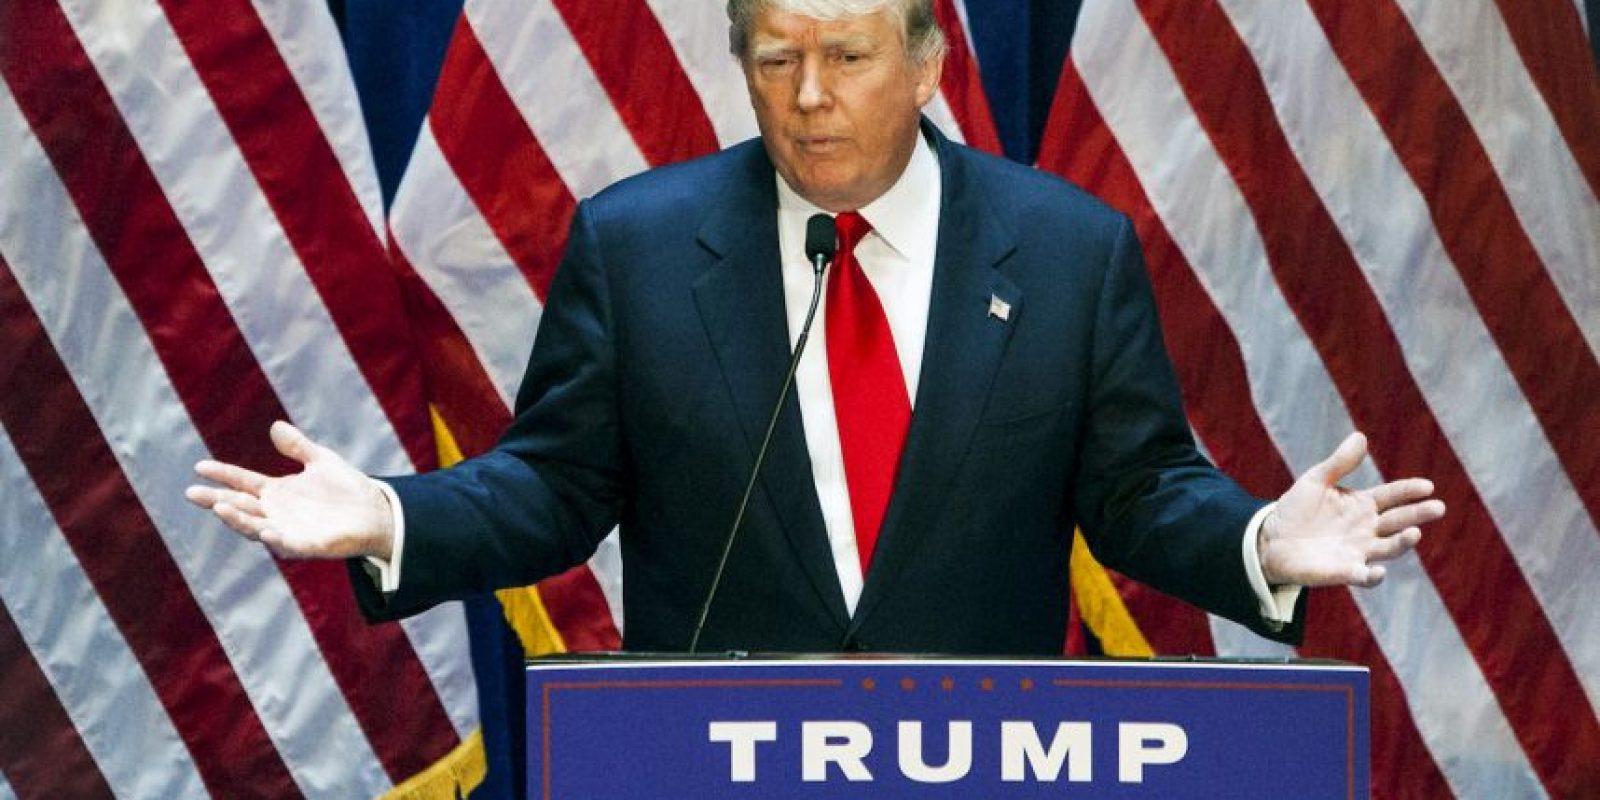 Un reportaje asegura que hay inmigrantes ilegales trabajando para el magnate. Foto:Getty Images